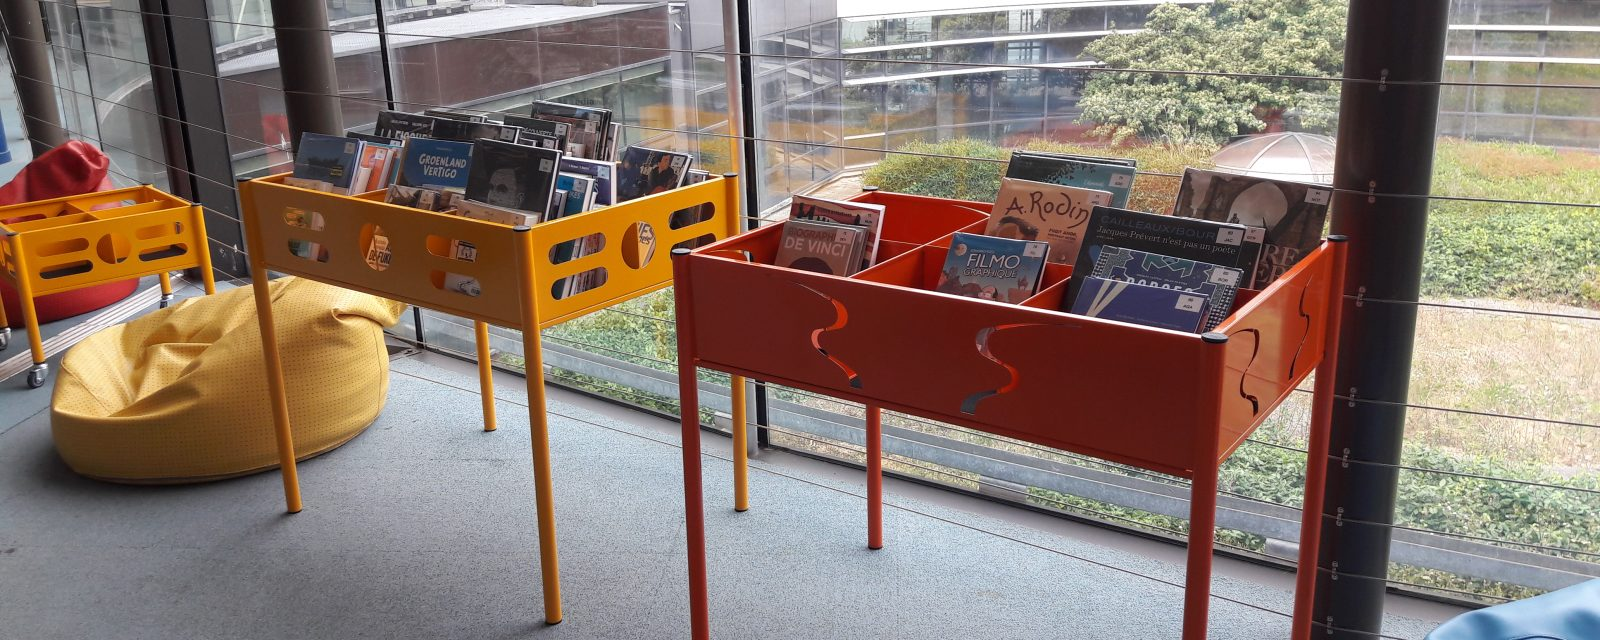 Des bandes dessinées à la bibliothèque